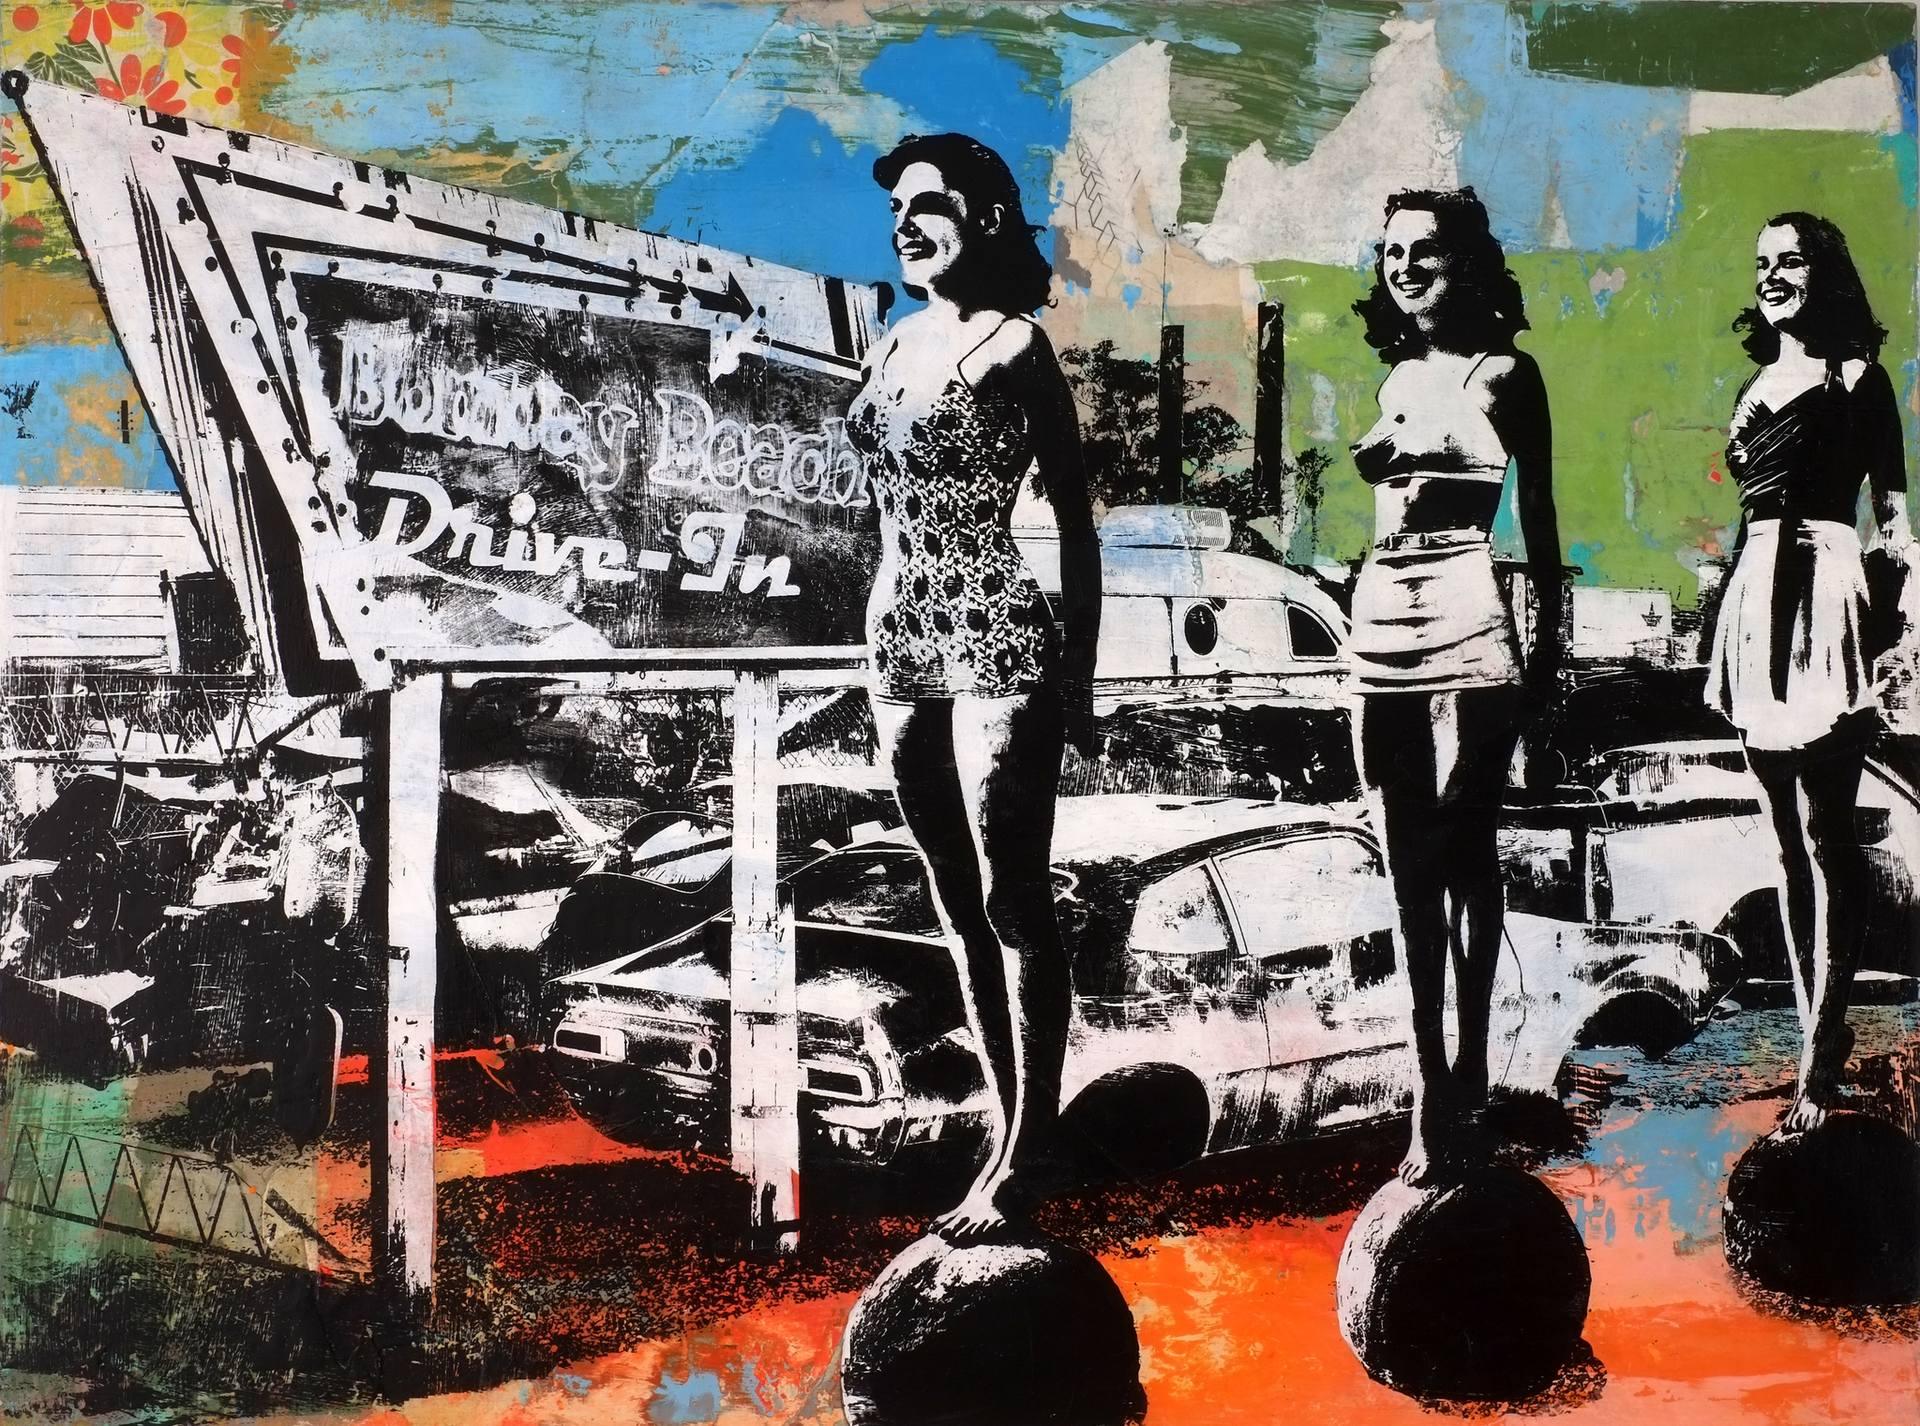 Bombay Beach Drive-in By Deanna Fainelli